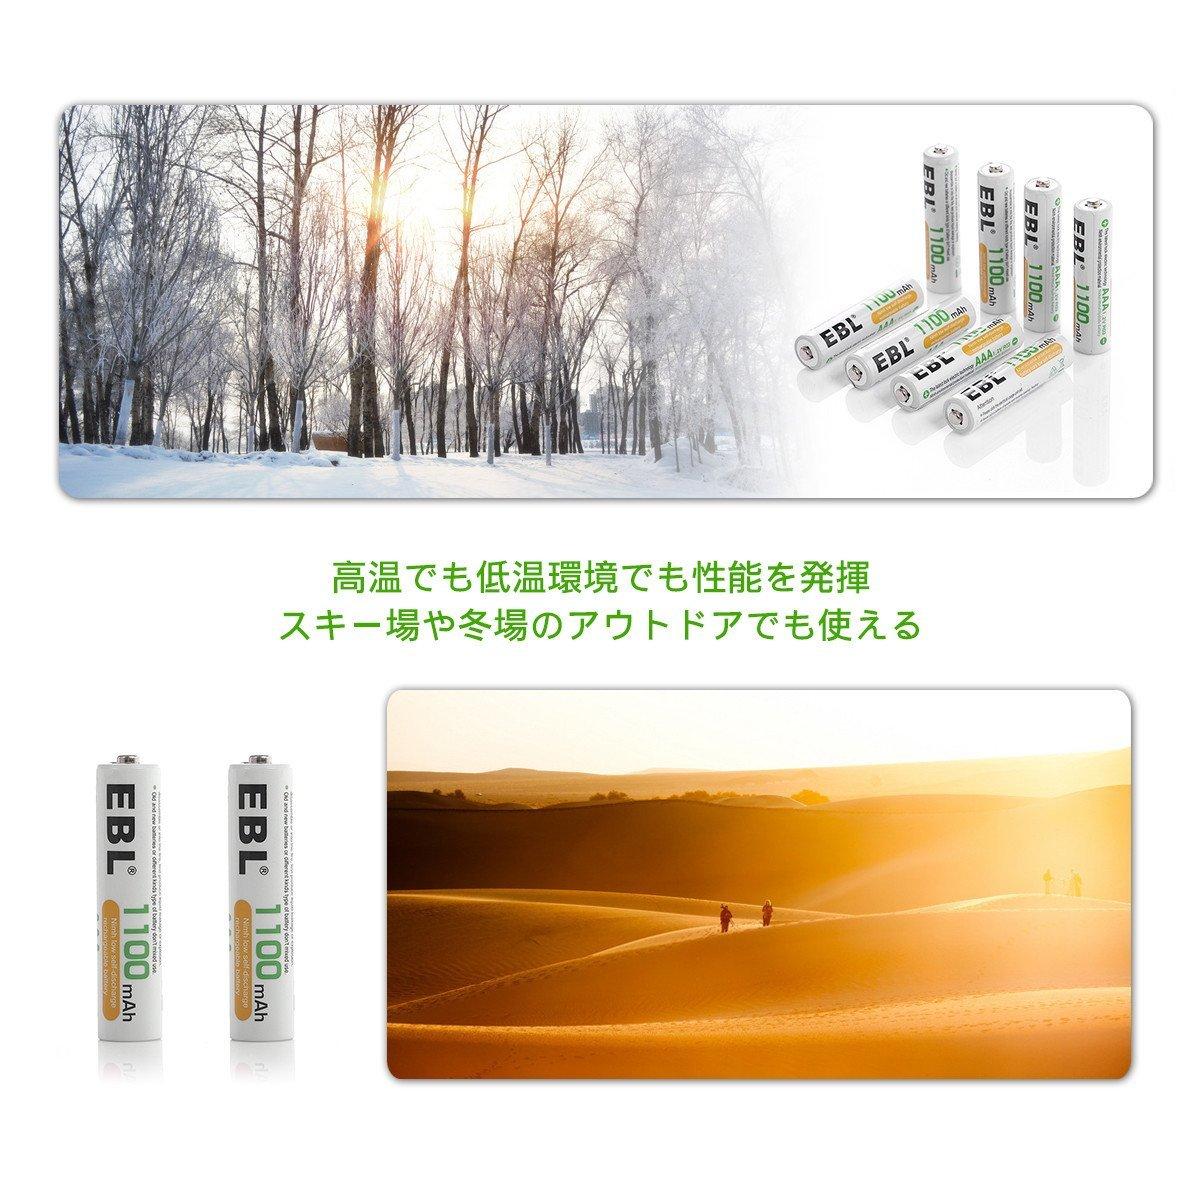 EBL 単4形充電池 充電式ニッケル水素電池 高容量1100mAh 8本入り 約1200回使用可能 ケース2個付き 単四充電池 _画像6